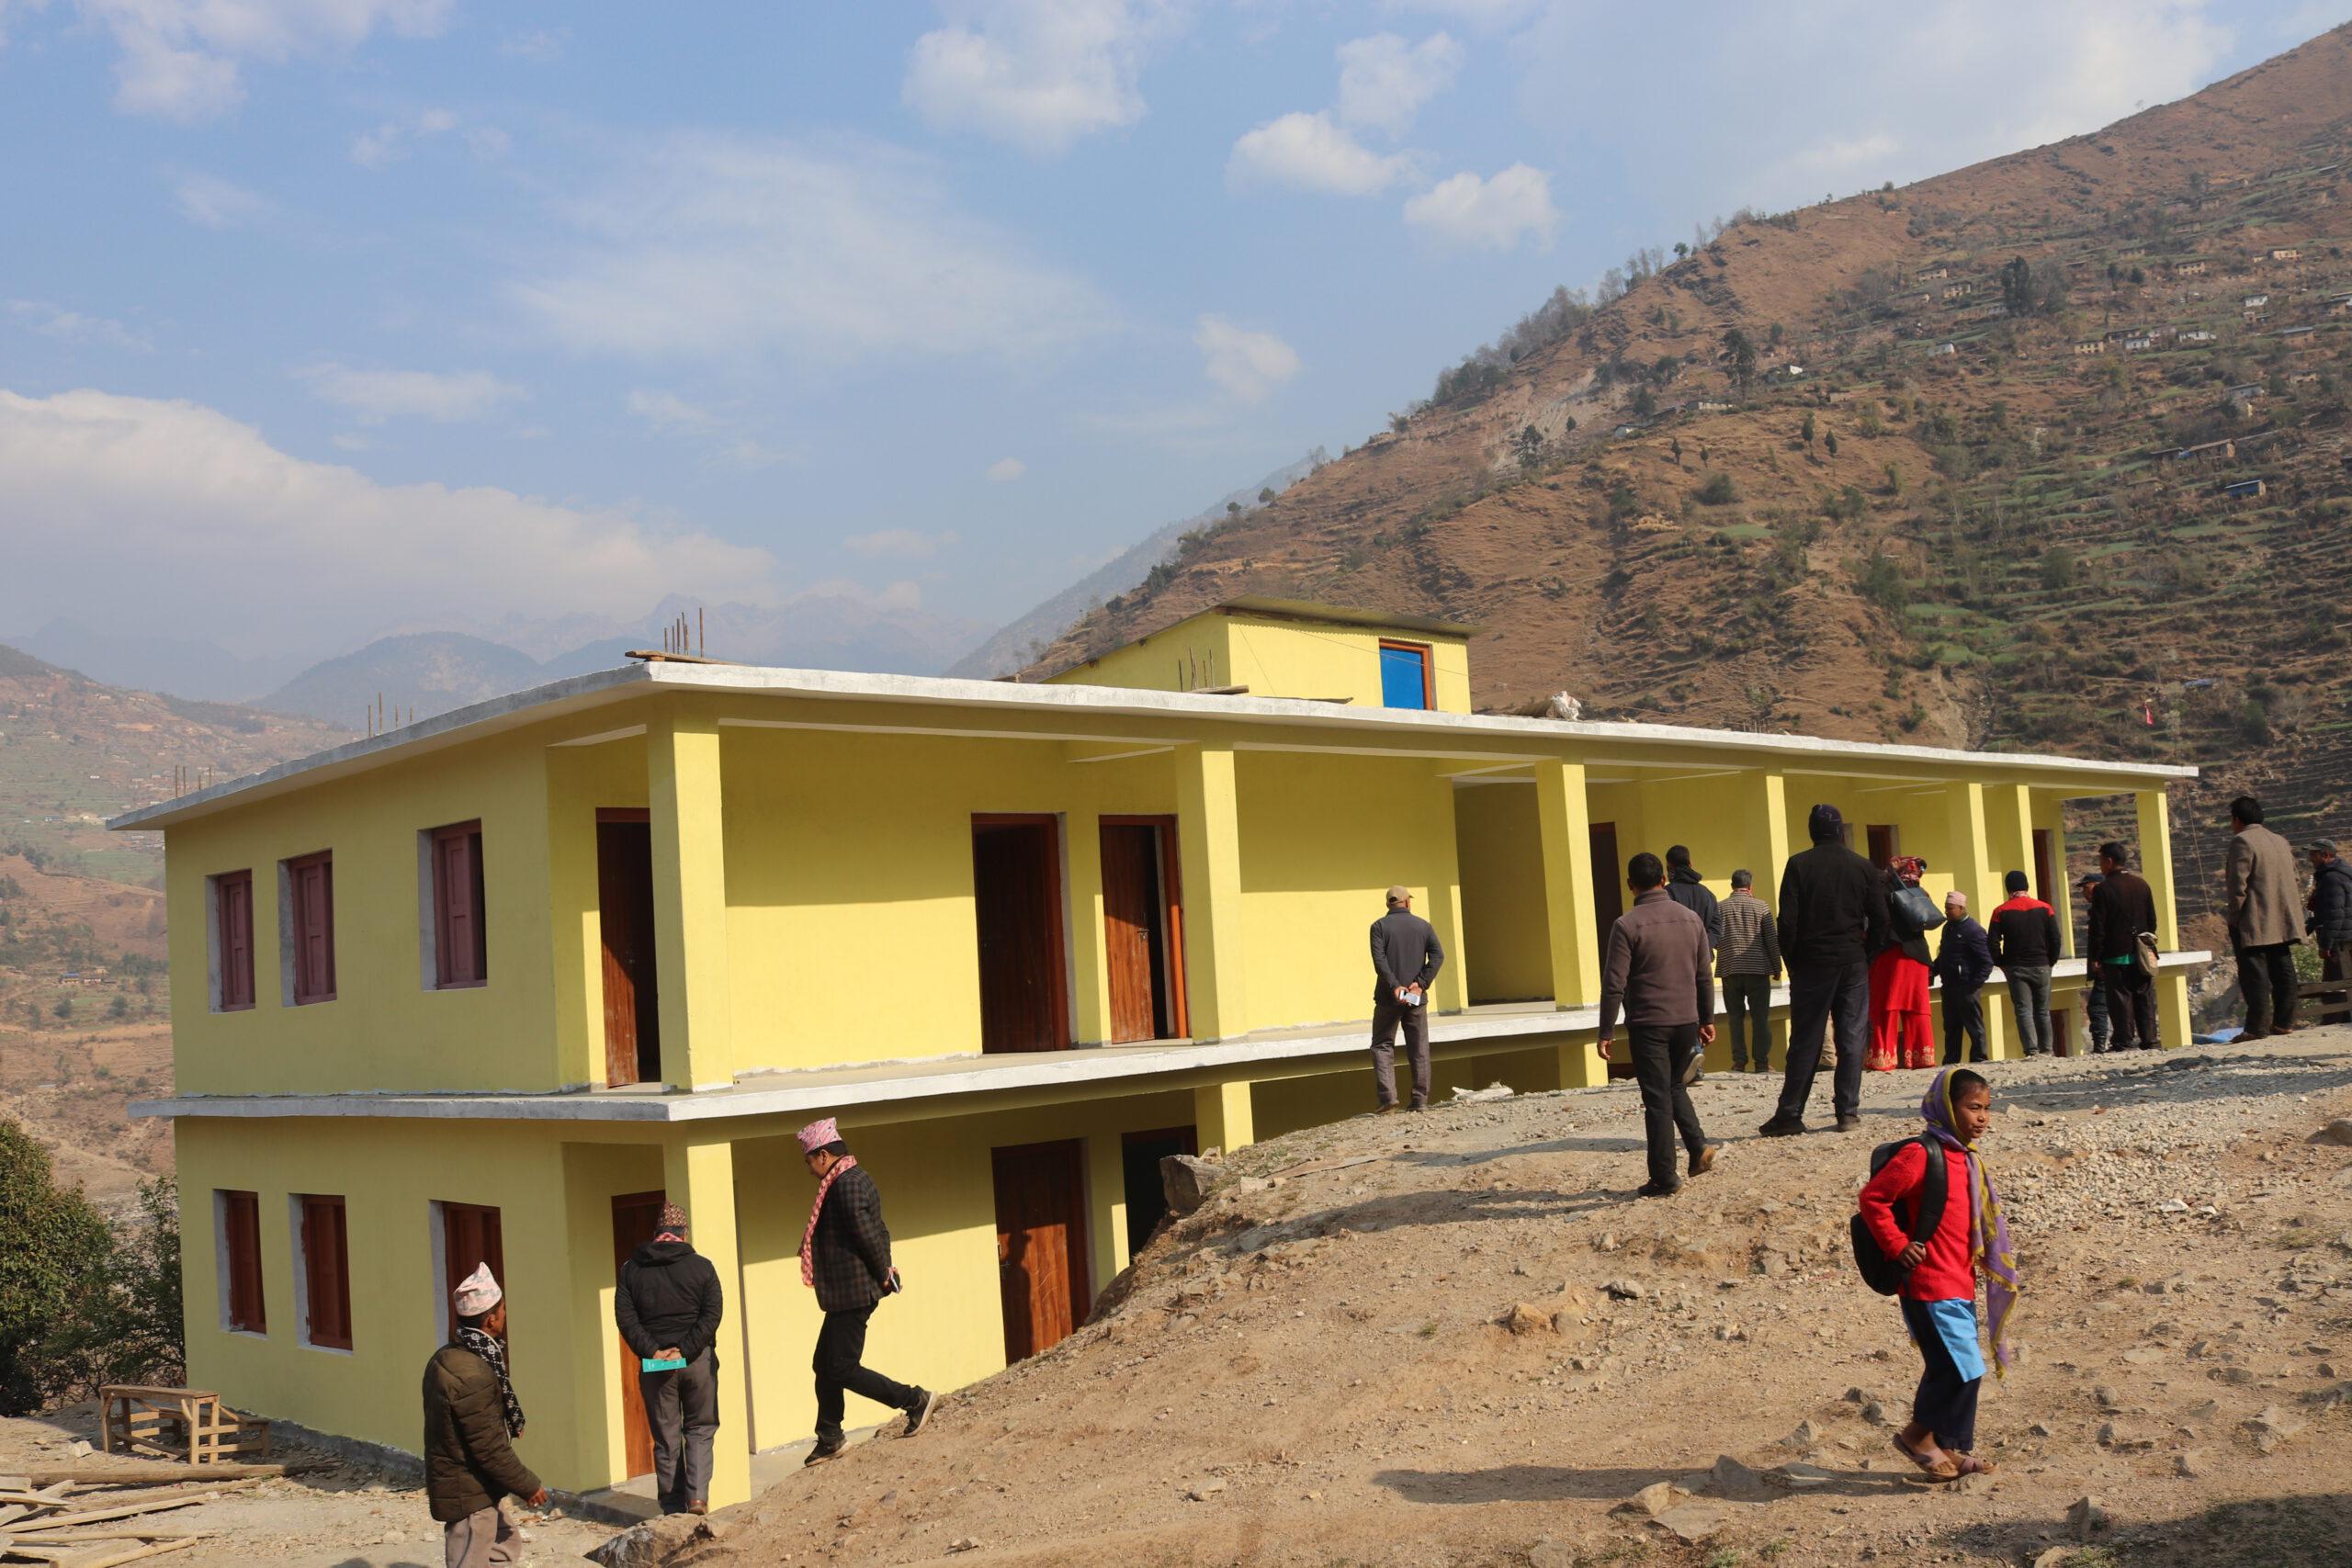 प्रत्येक पालिकामा नमुना सामुदायिक विद्यालय